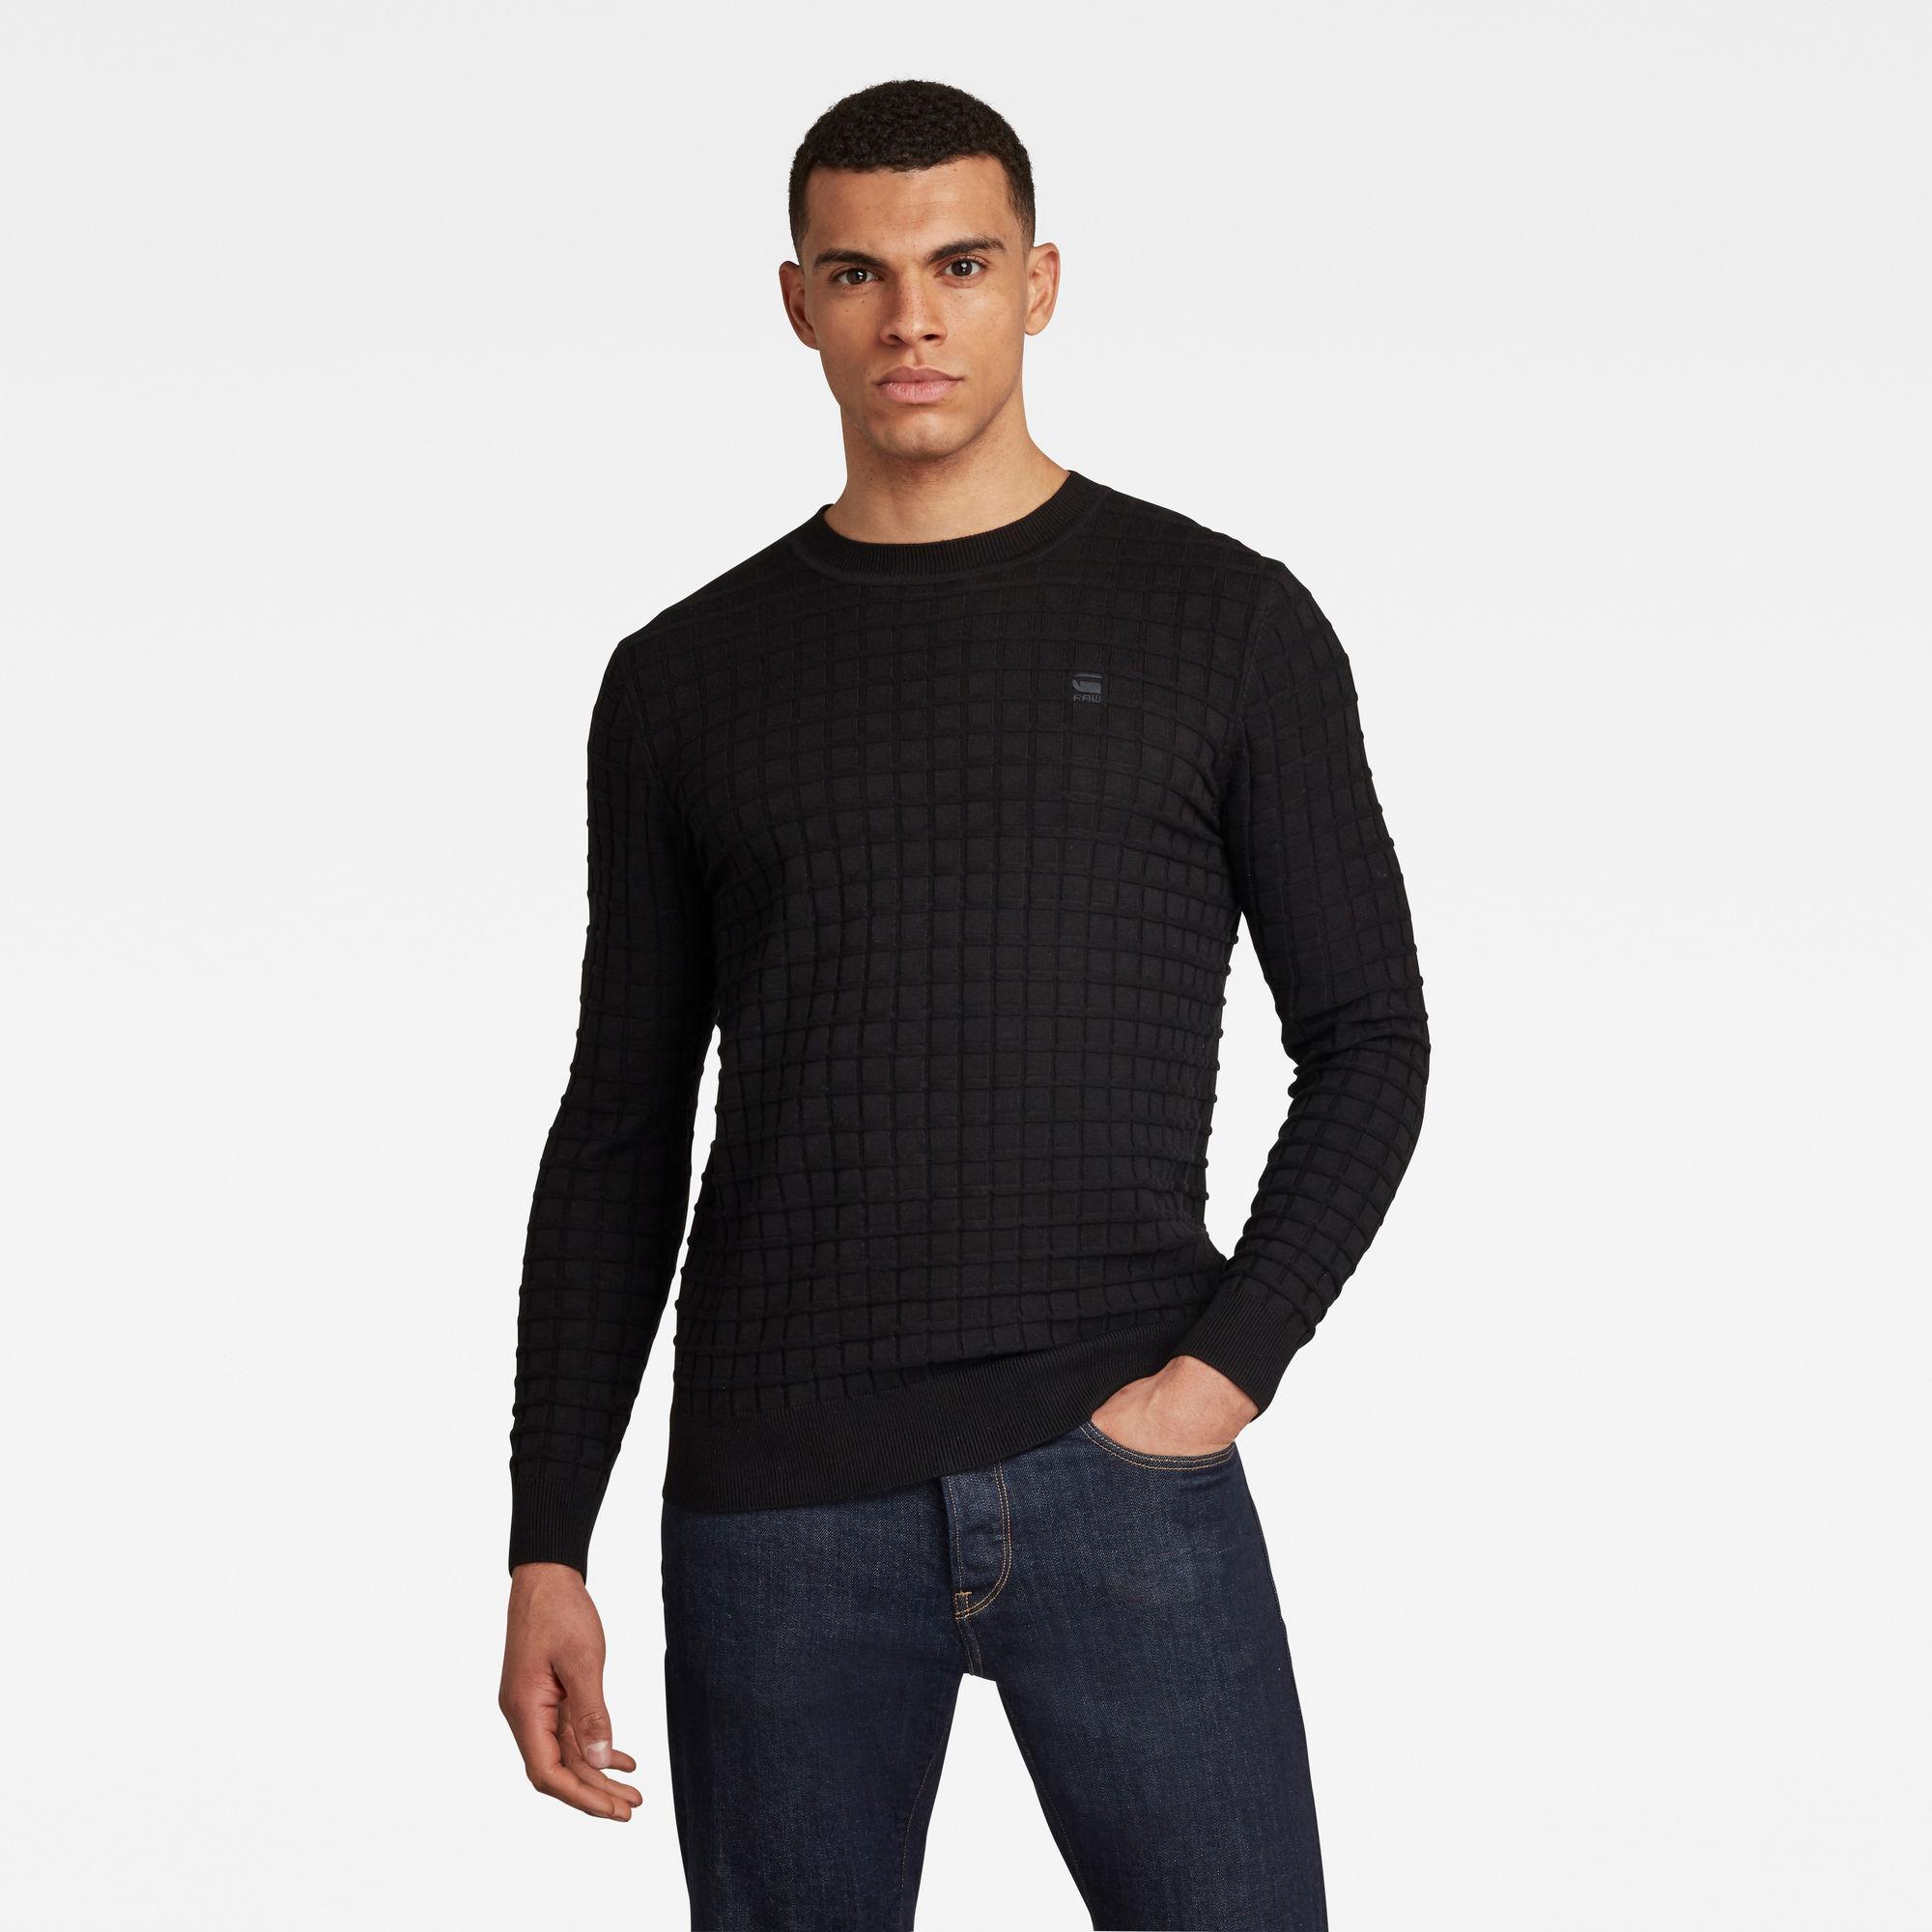 G-Star RAW Heren Core Table Sweater Zwart